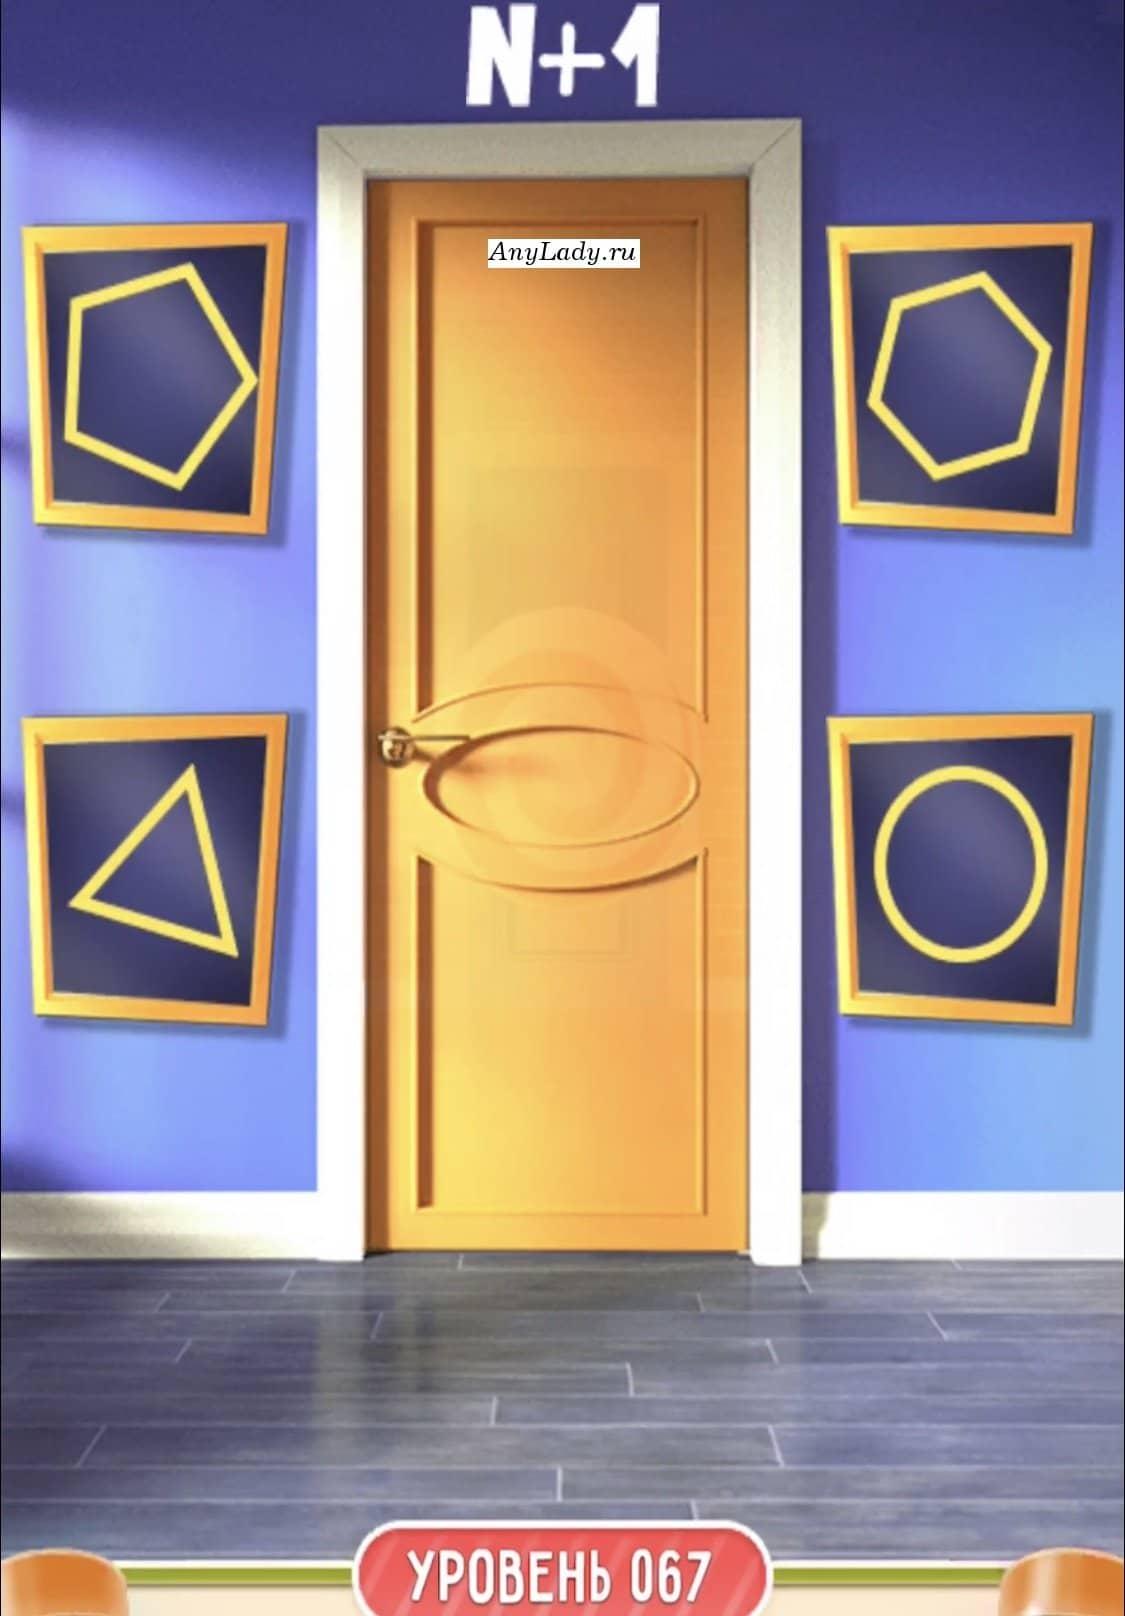 Перед Вами четыре геометрические фигуры. Чтобы открыть дверь и пройти на новый этап, меняйте фигуры местами, для этого:   на каждую из фигур кликайте по очереди два раза.   Главное с момента старта нажать на каждую фигуру два раза, если ранее Вы успели нажать не верно - начните игру заново и повторите верные нажатия.